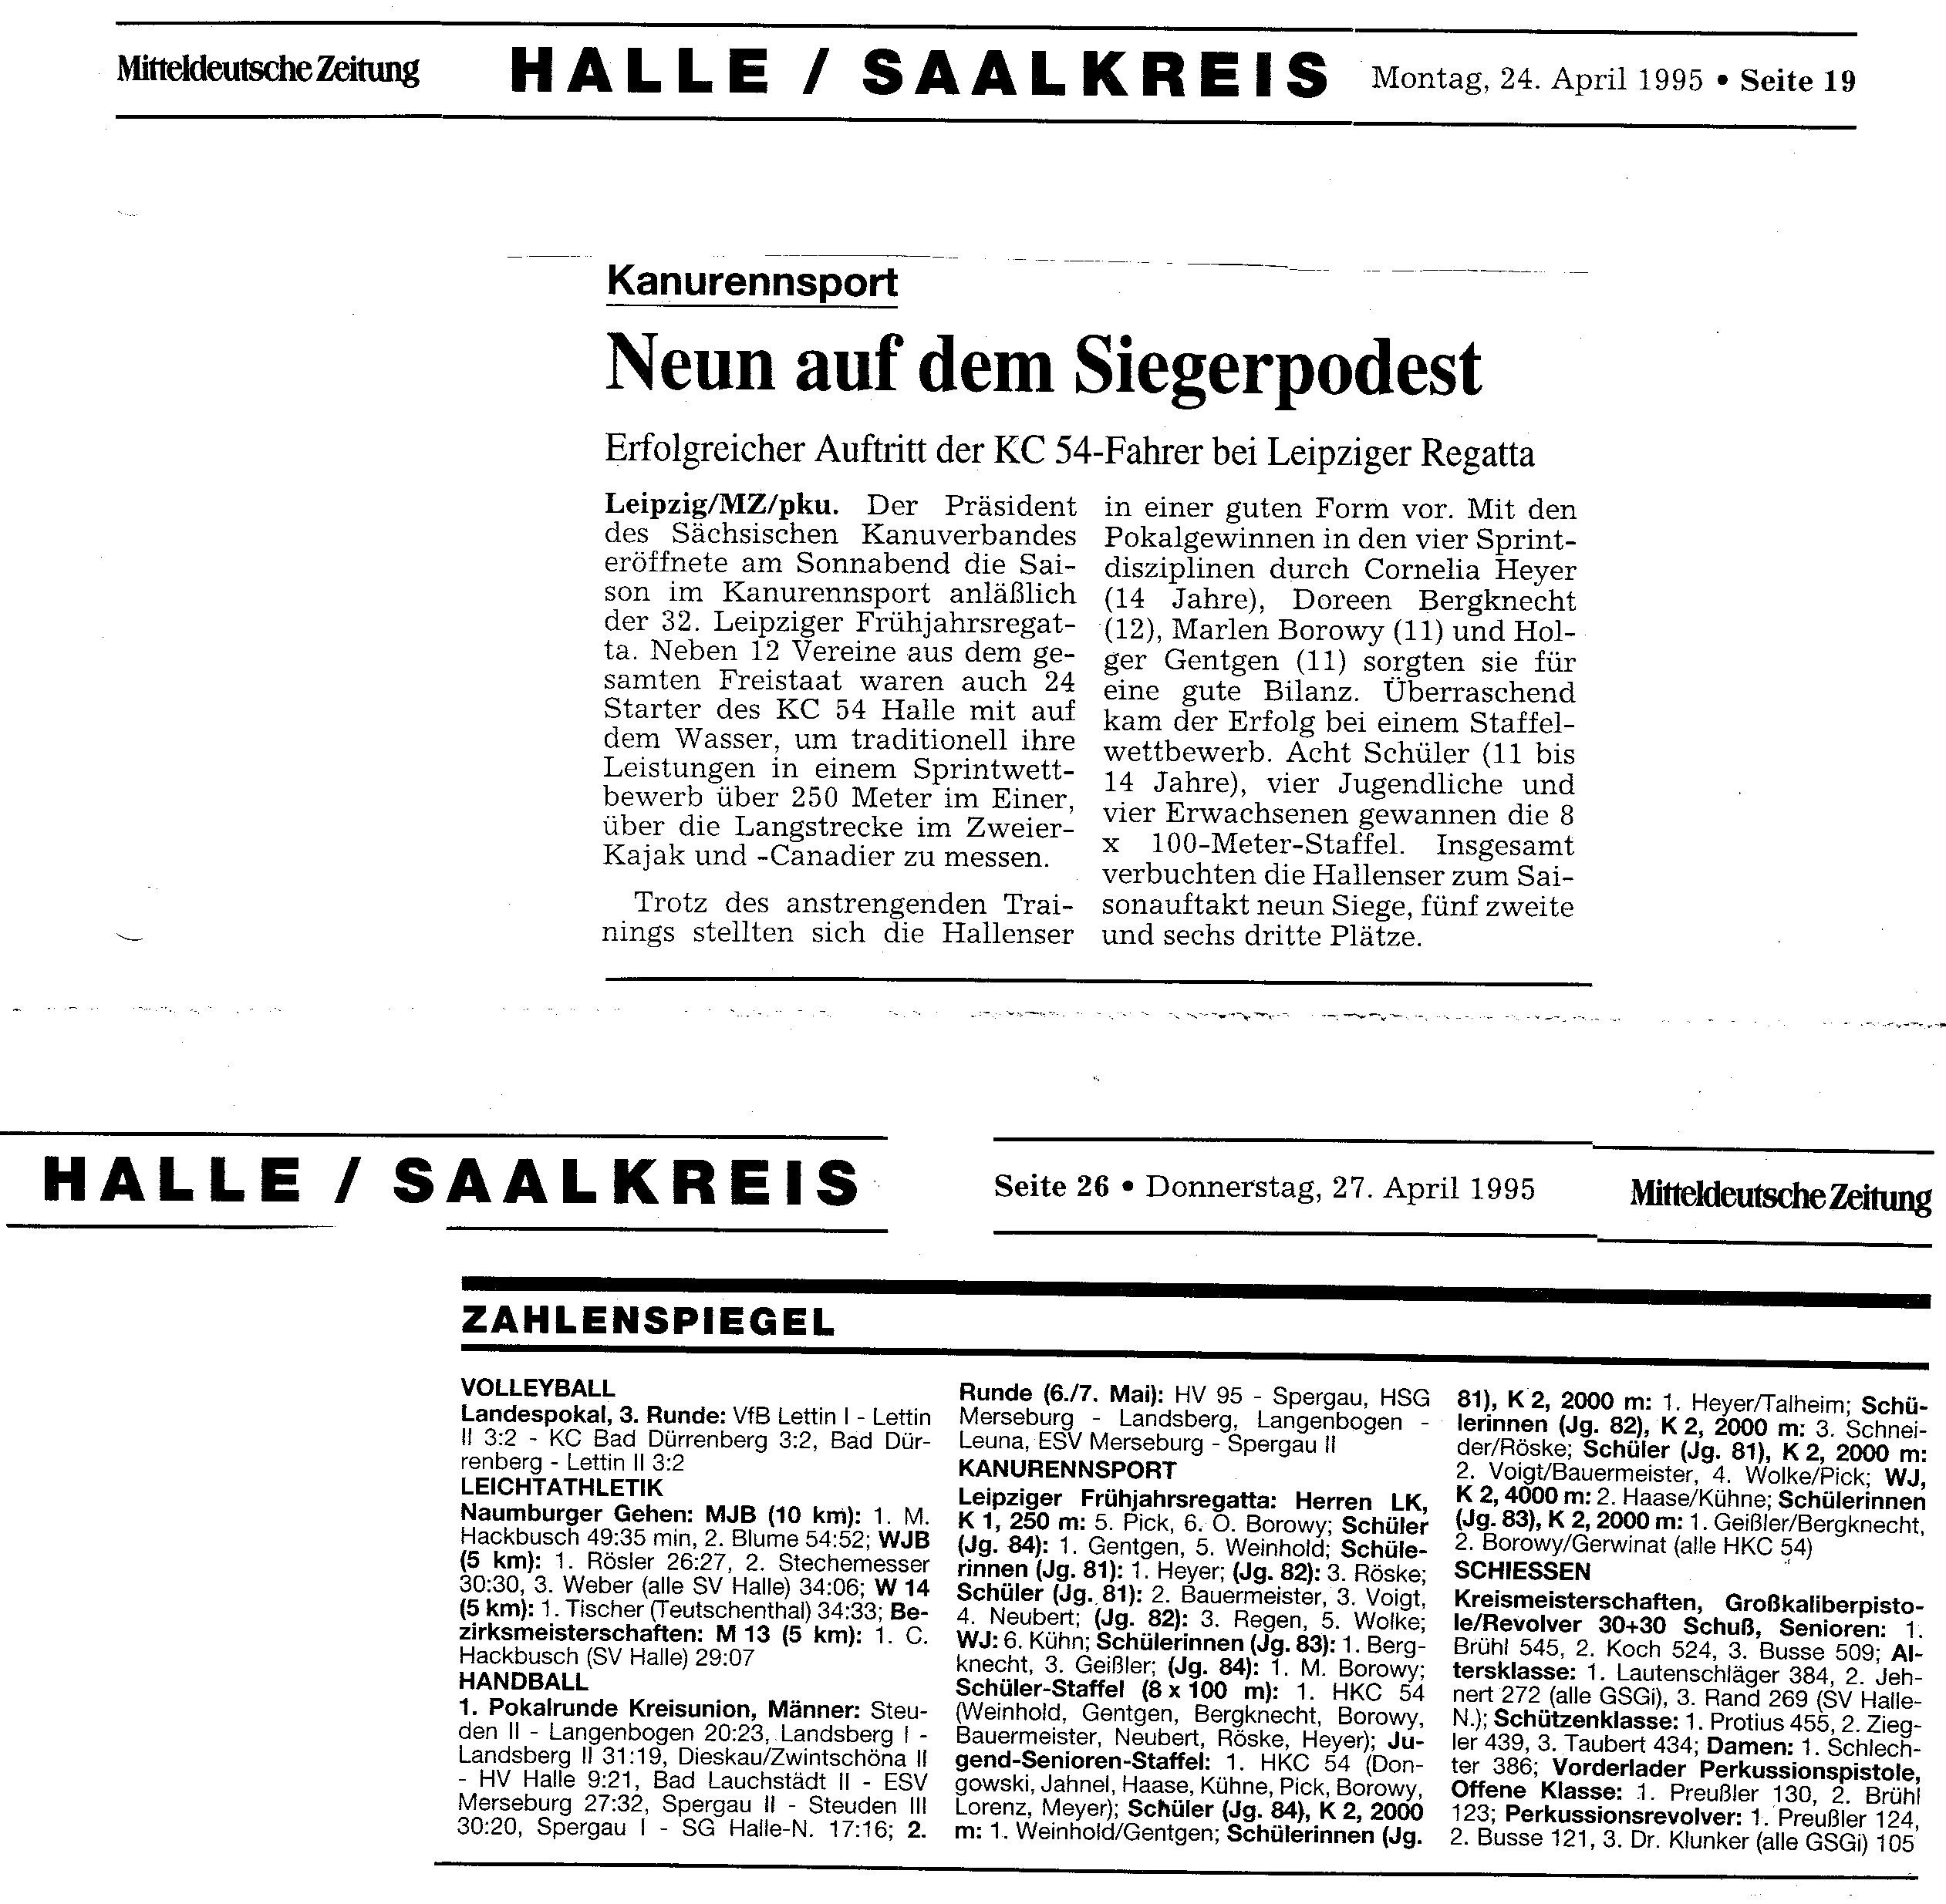 1995-04-24 MZ Neun auf dem Siegerpodest